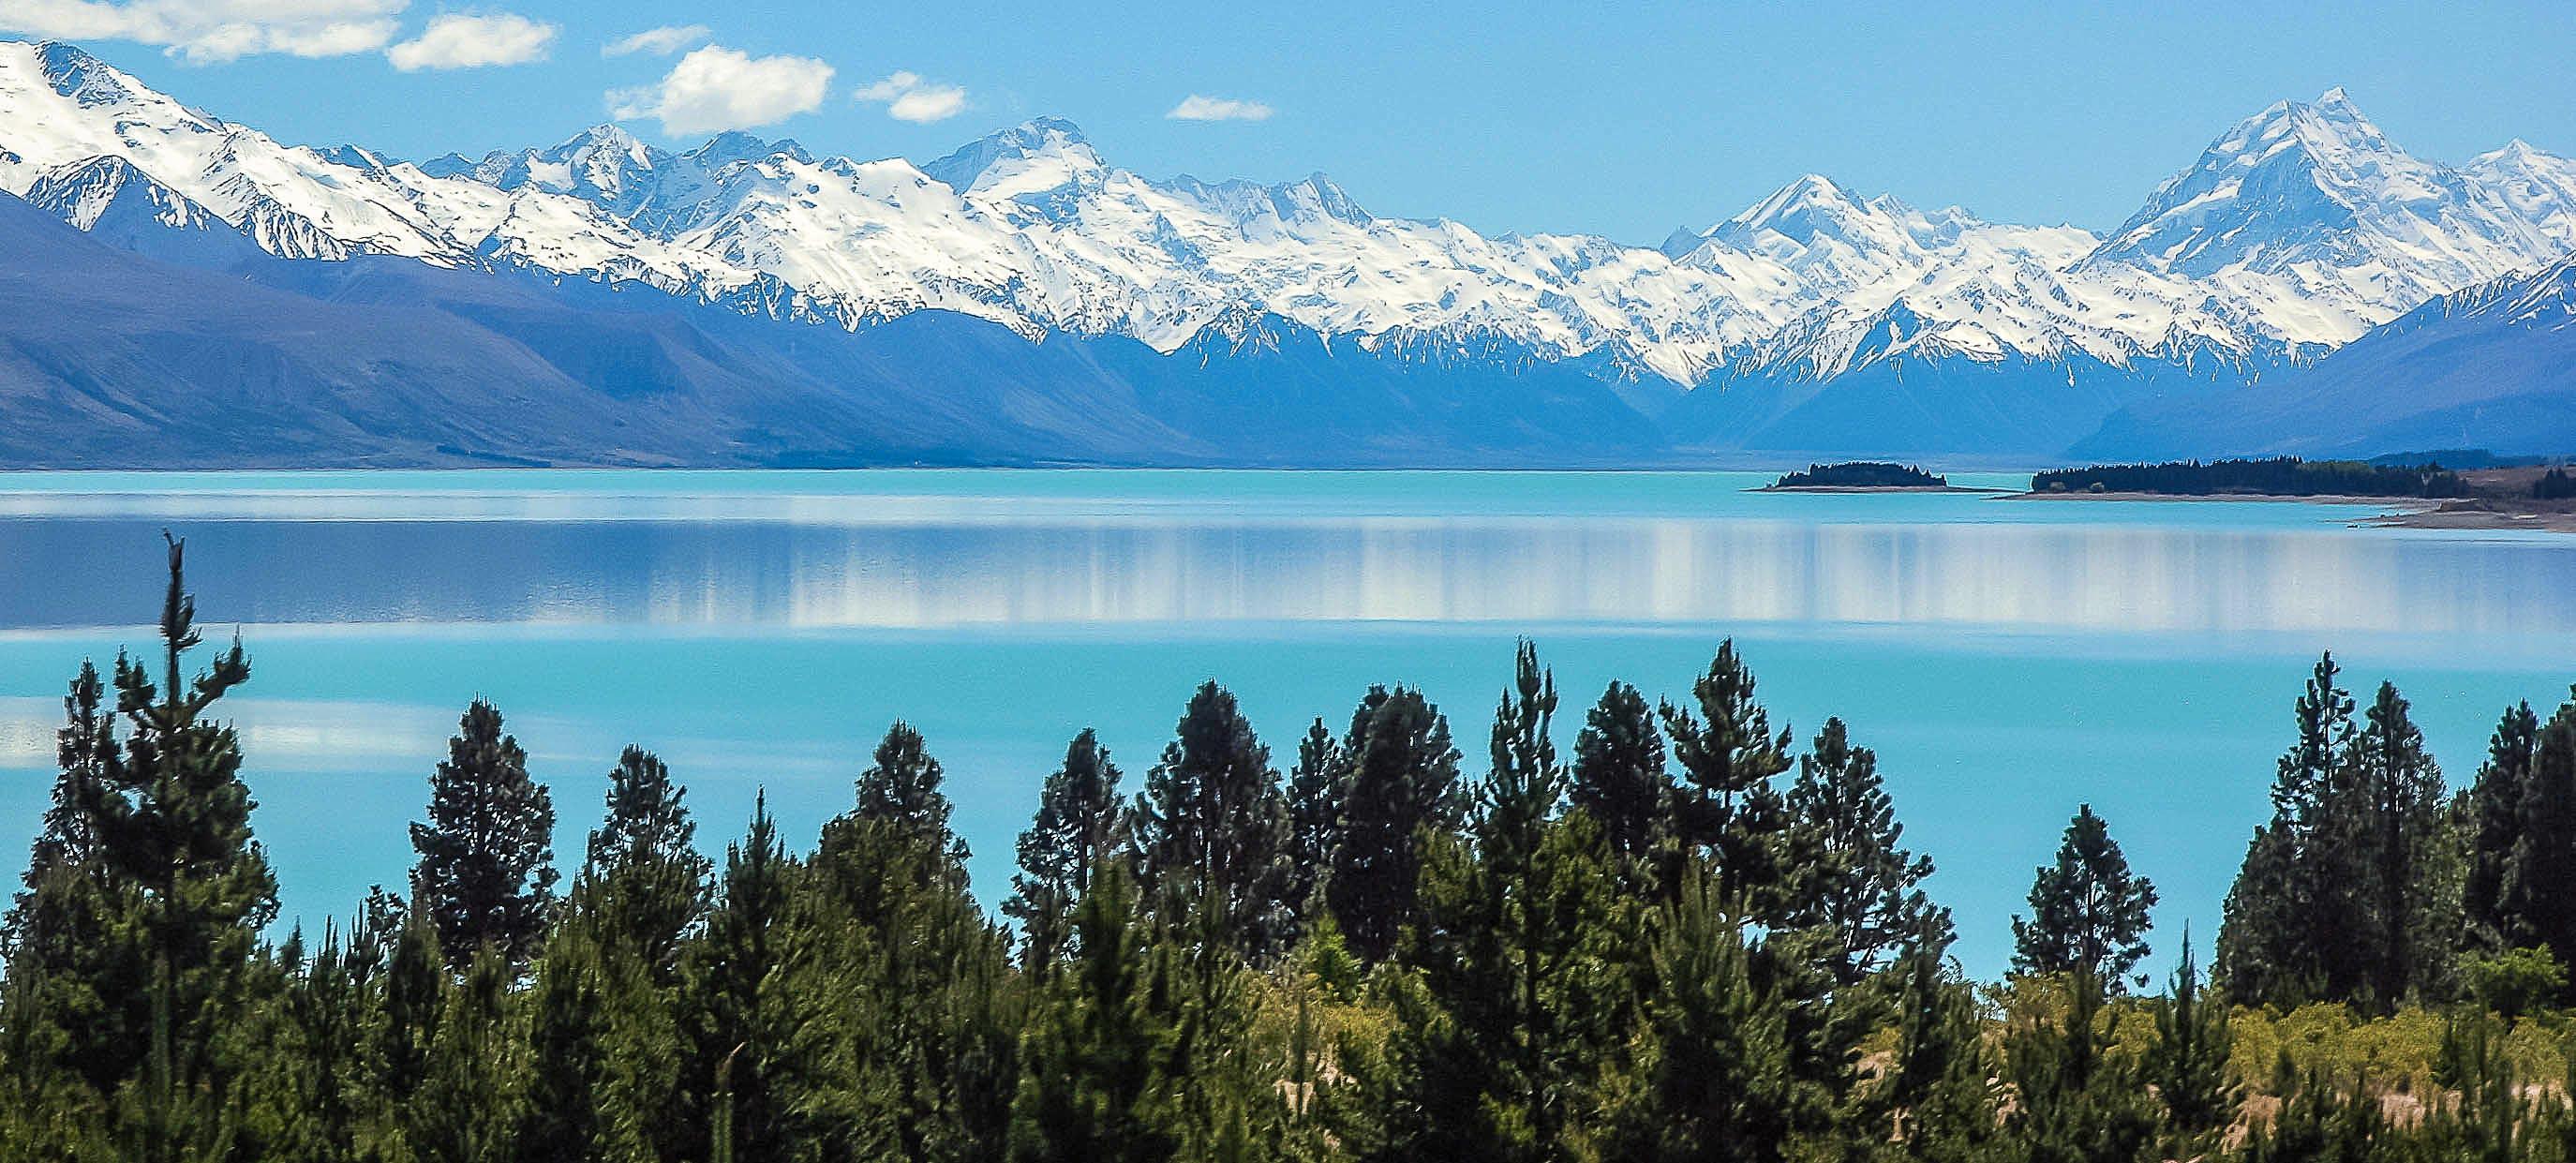 Gratis arkivbilde med fjell, fjellkjede, forkjølelse, landskap